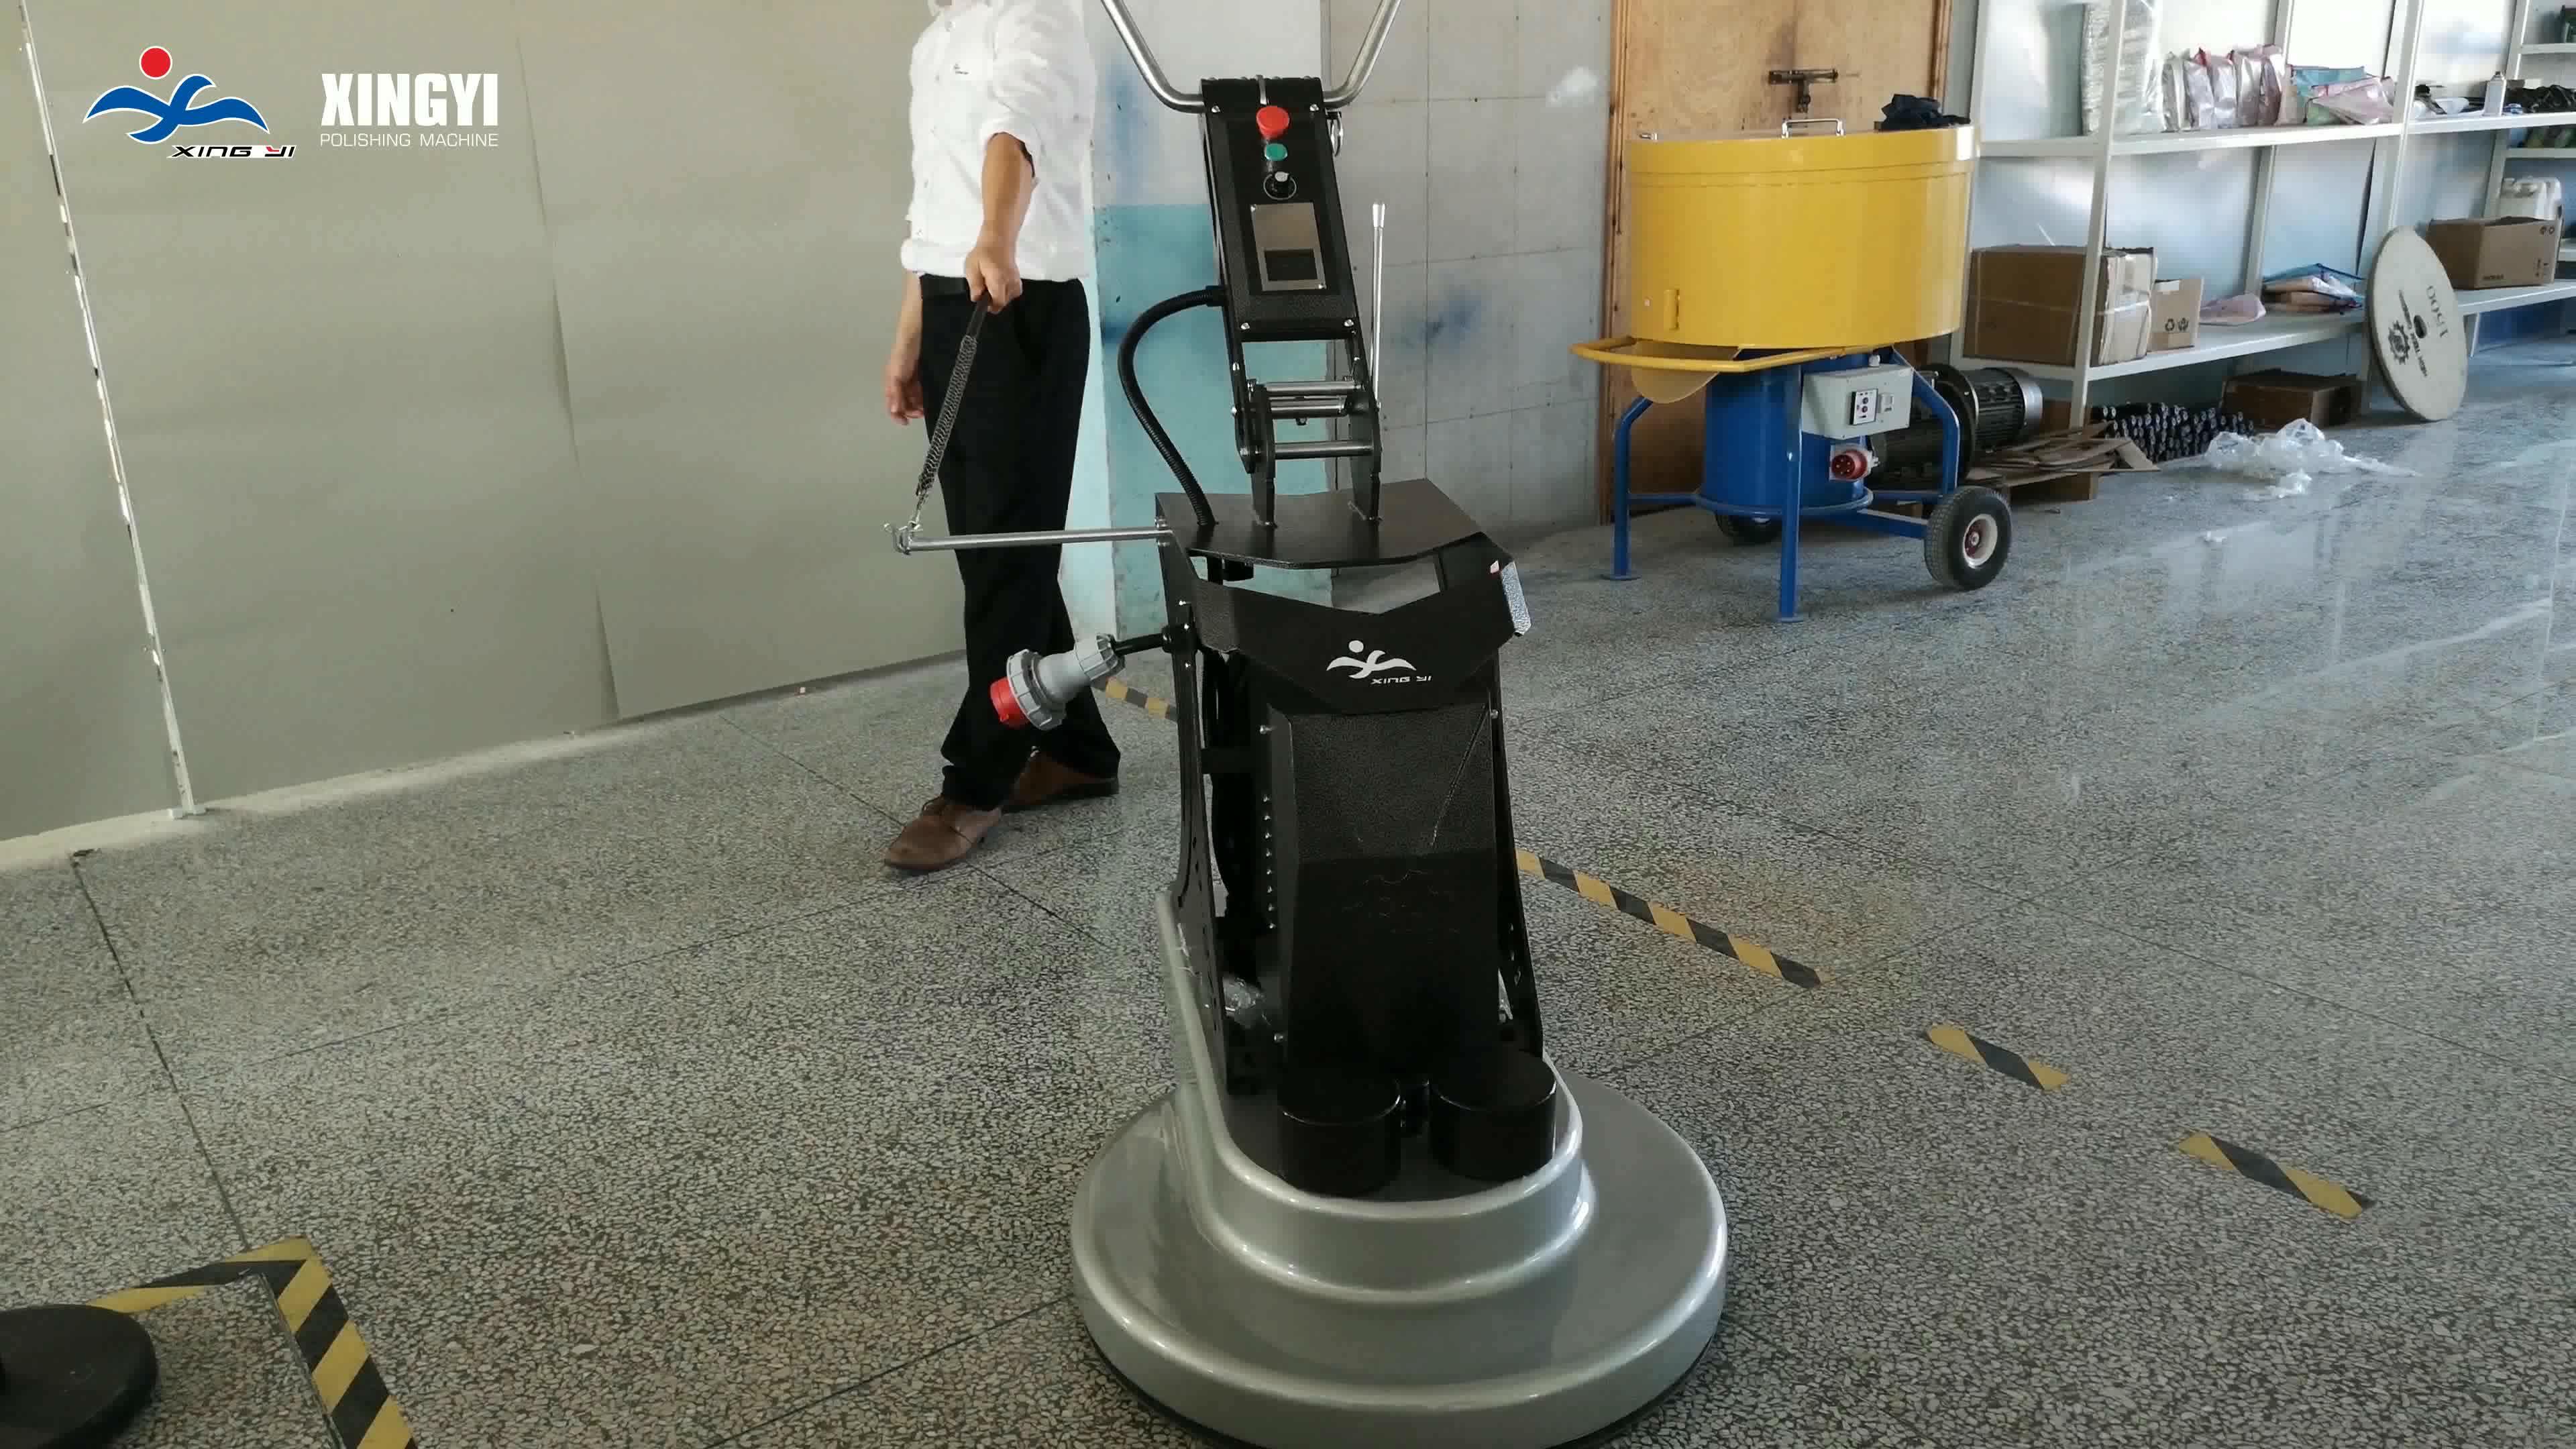 27 zoll Beton Polieren Maschine Grinder Polierer Maschine